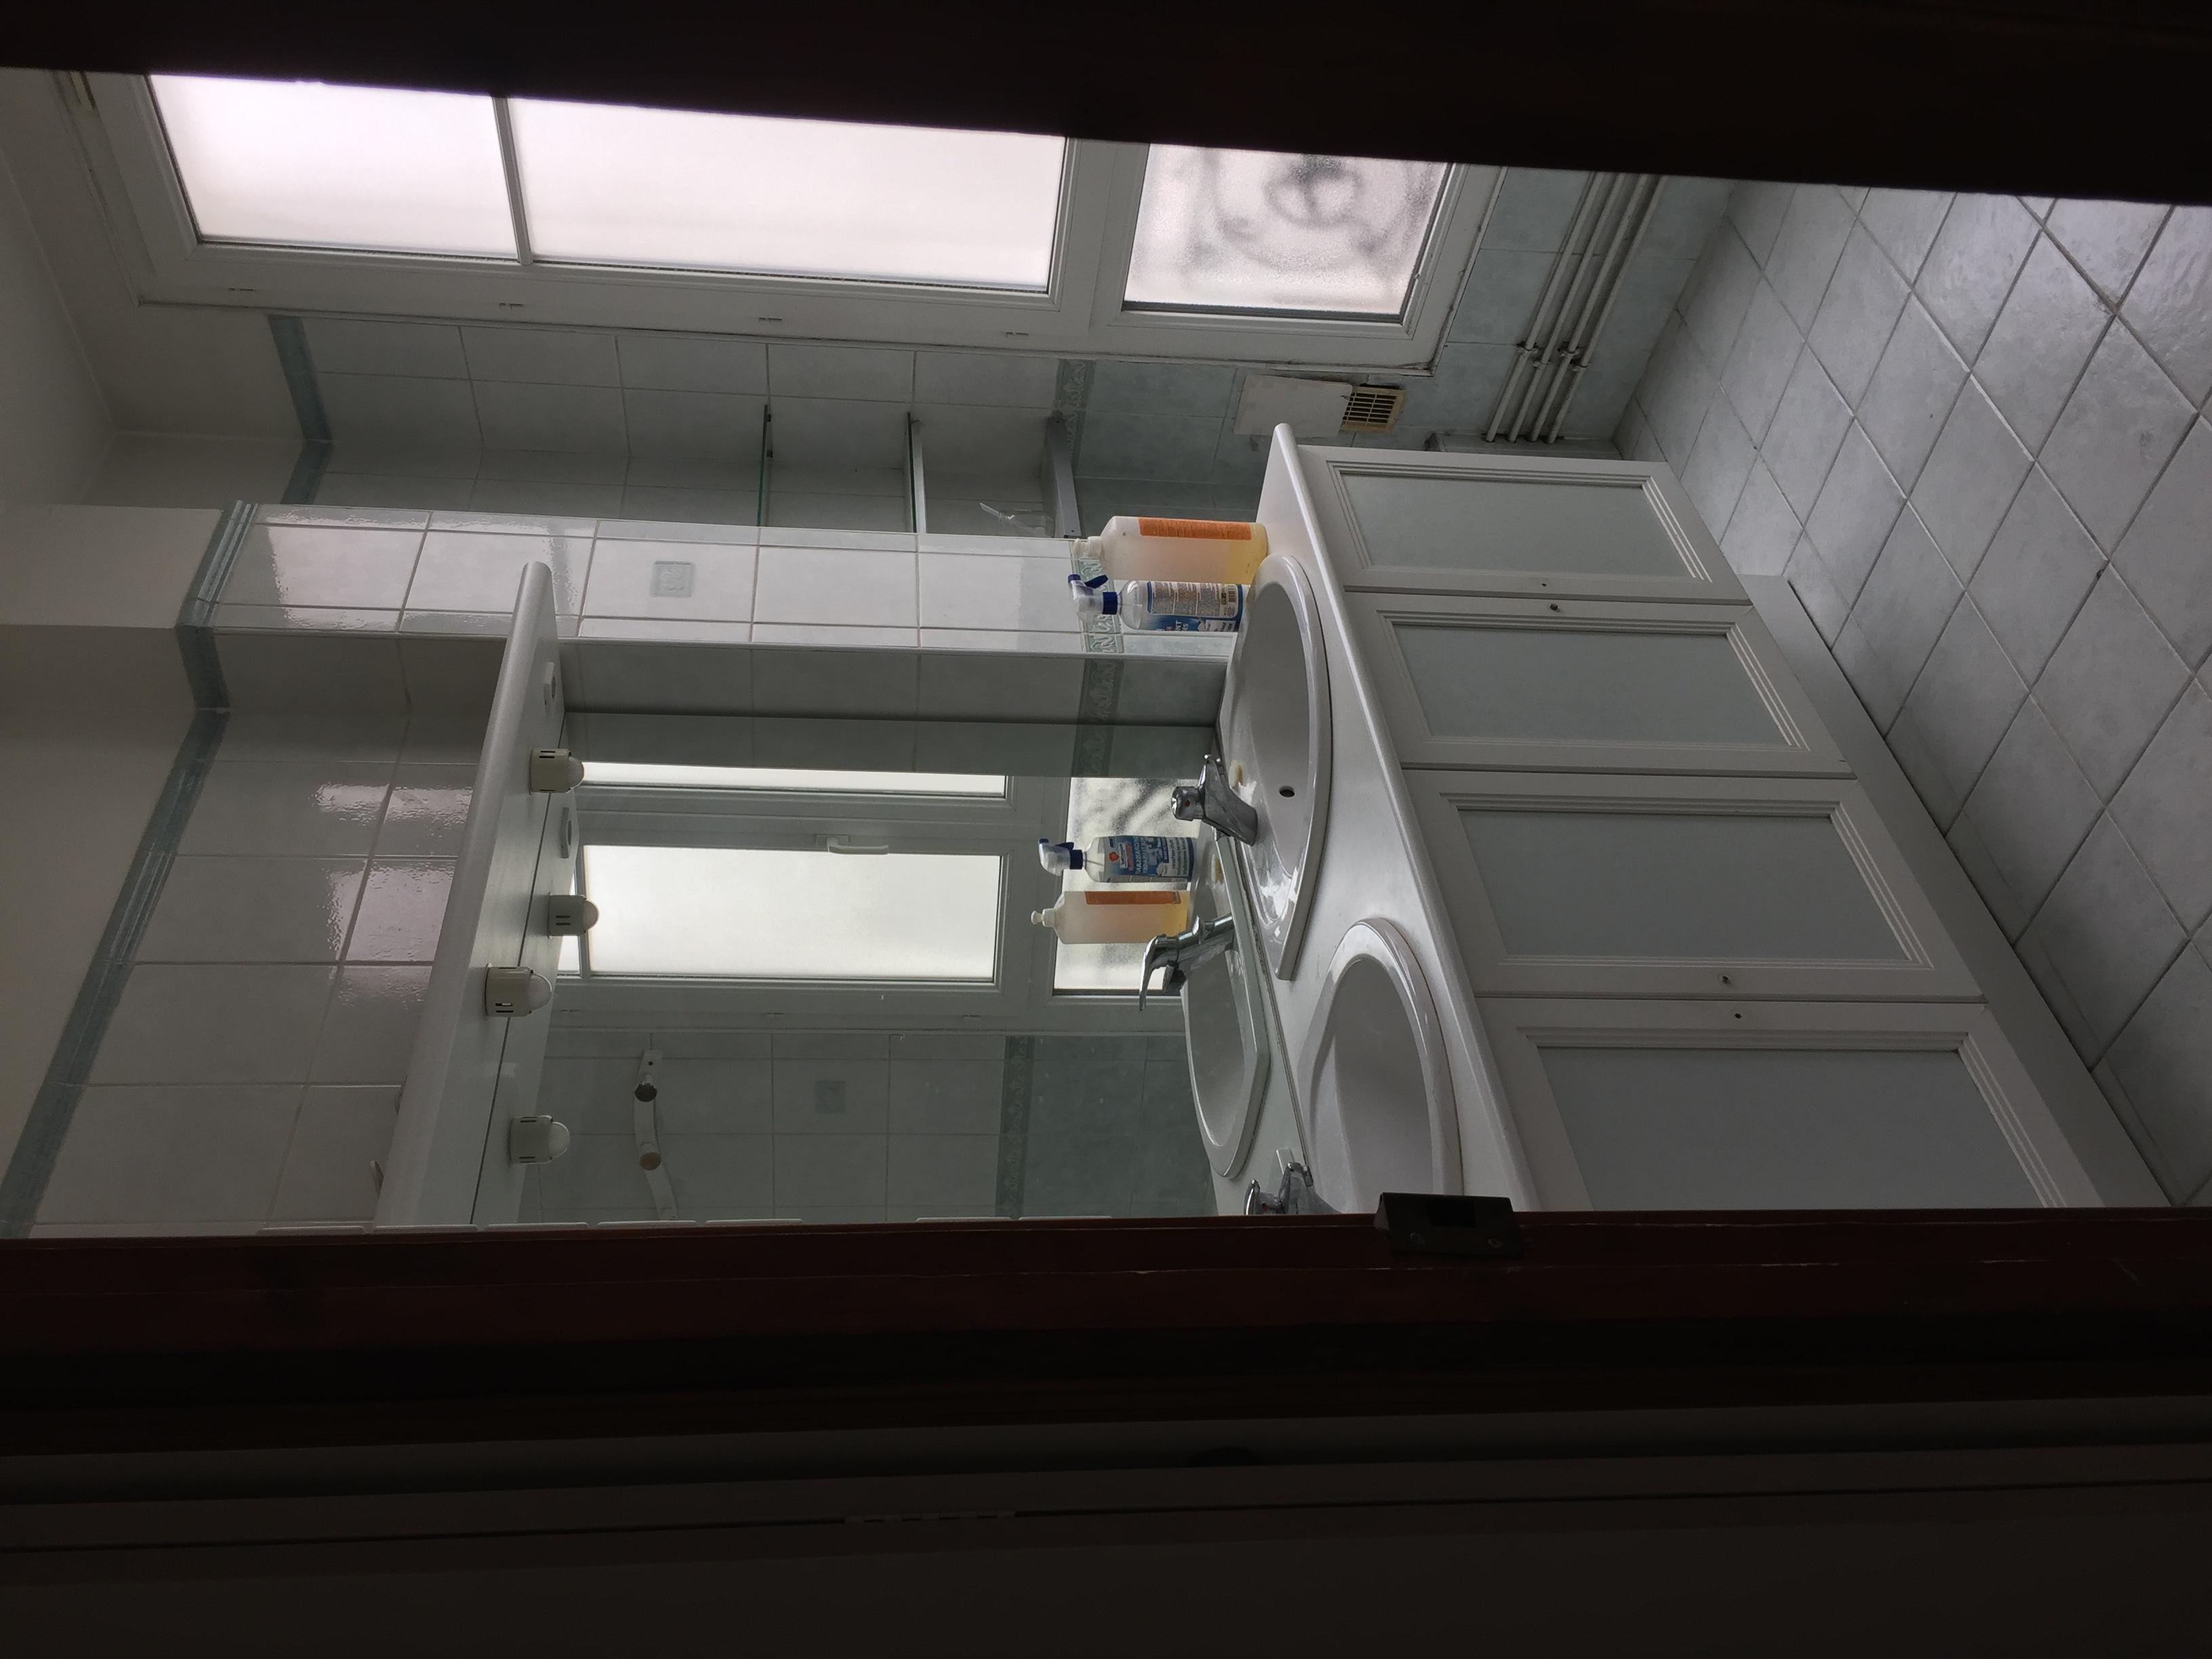 remplacement d'une salle de bain par une cuisine